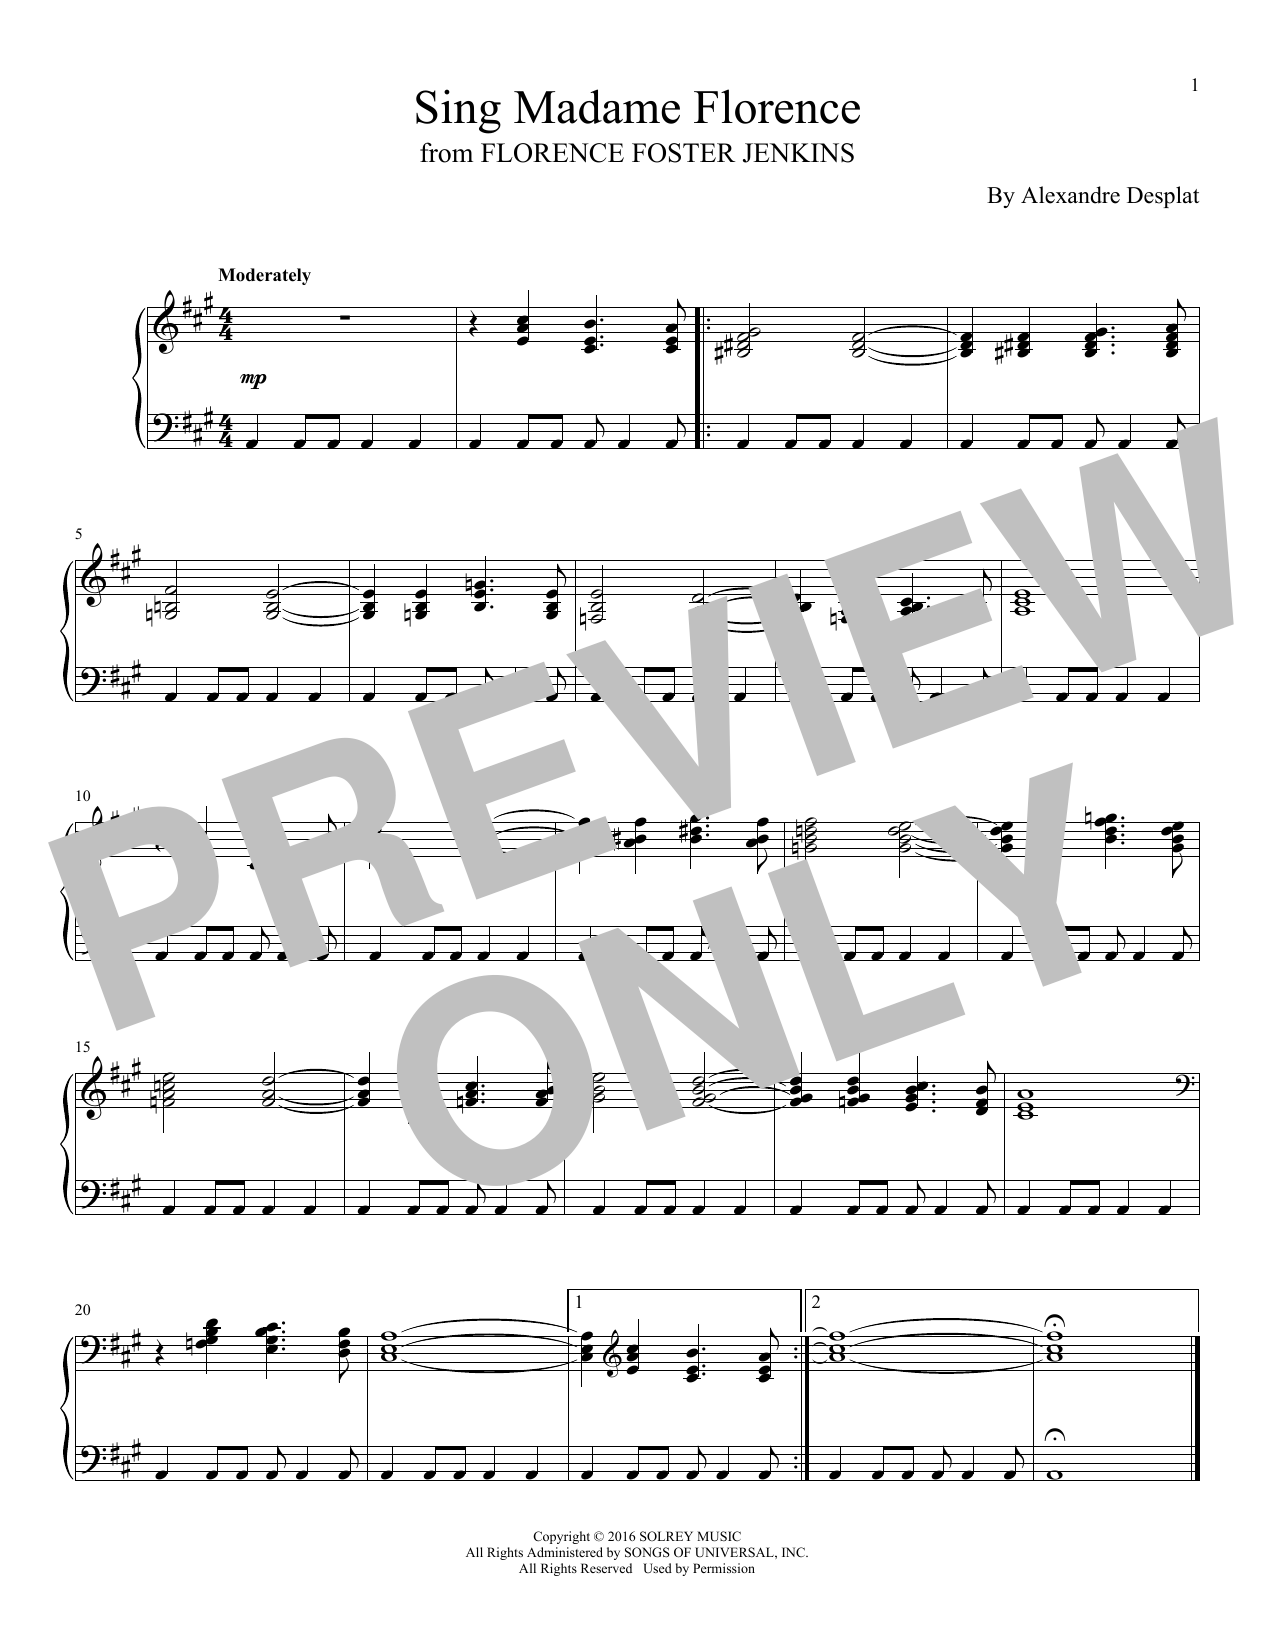 Alexandre Desplat - Sing Madame Florence